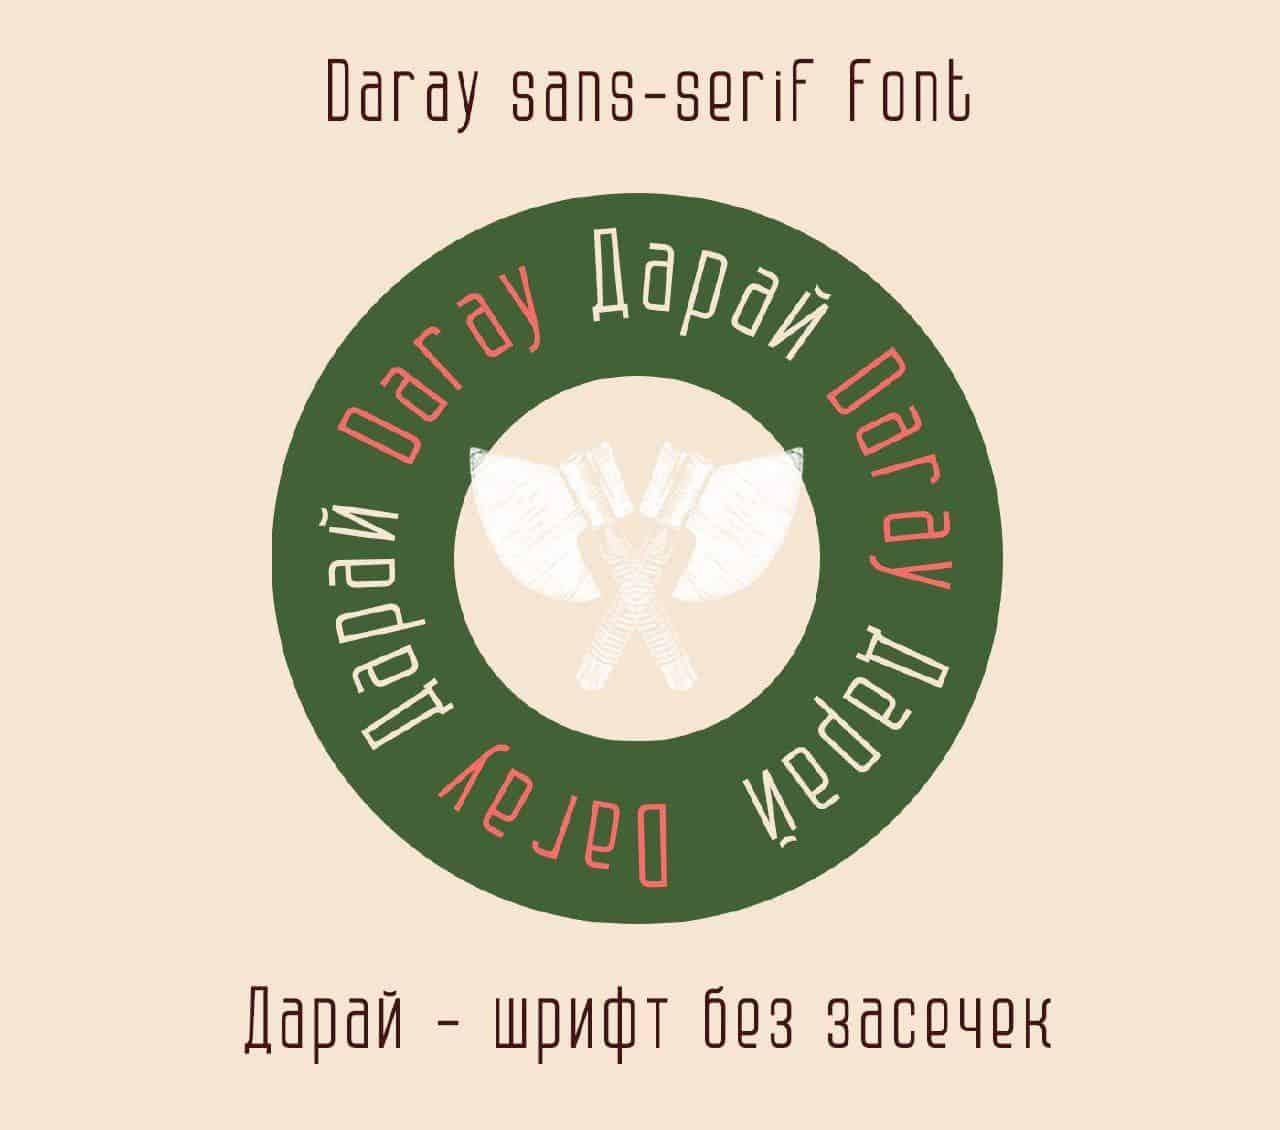 Daray шрифт скачать бесплатно